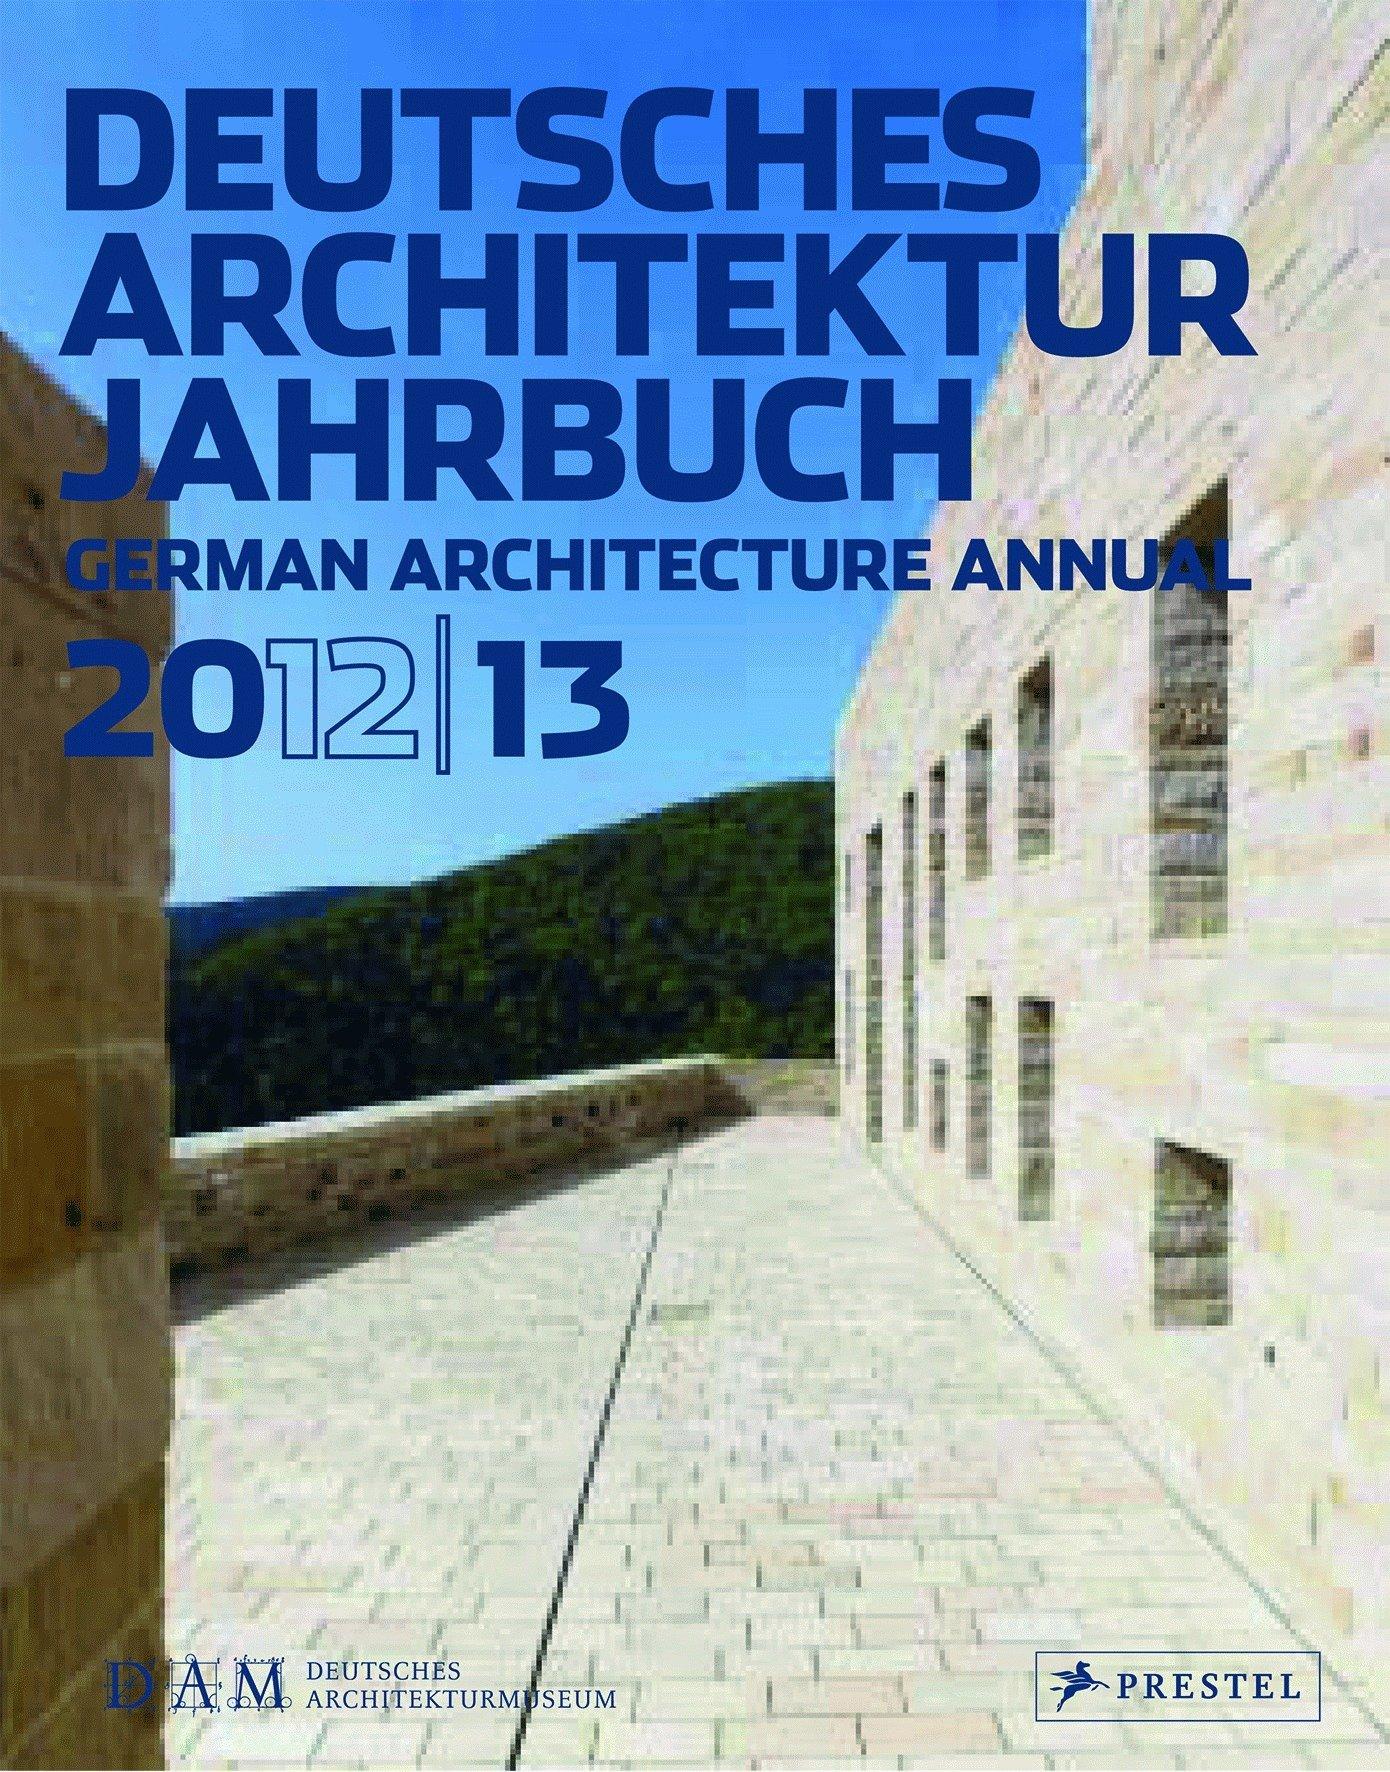 Deutsches Architektur Jahrbuch 2012/13: German Architecture Annual 2012/13 (Englisch) Taschenbuch – 25. September 2012 Peter Cachola Schmal Christina Gräwe Prestel Verlag 3791352210